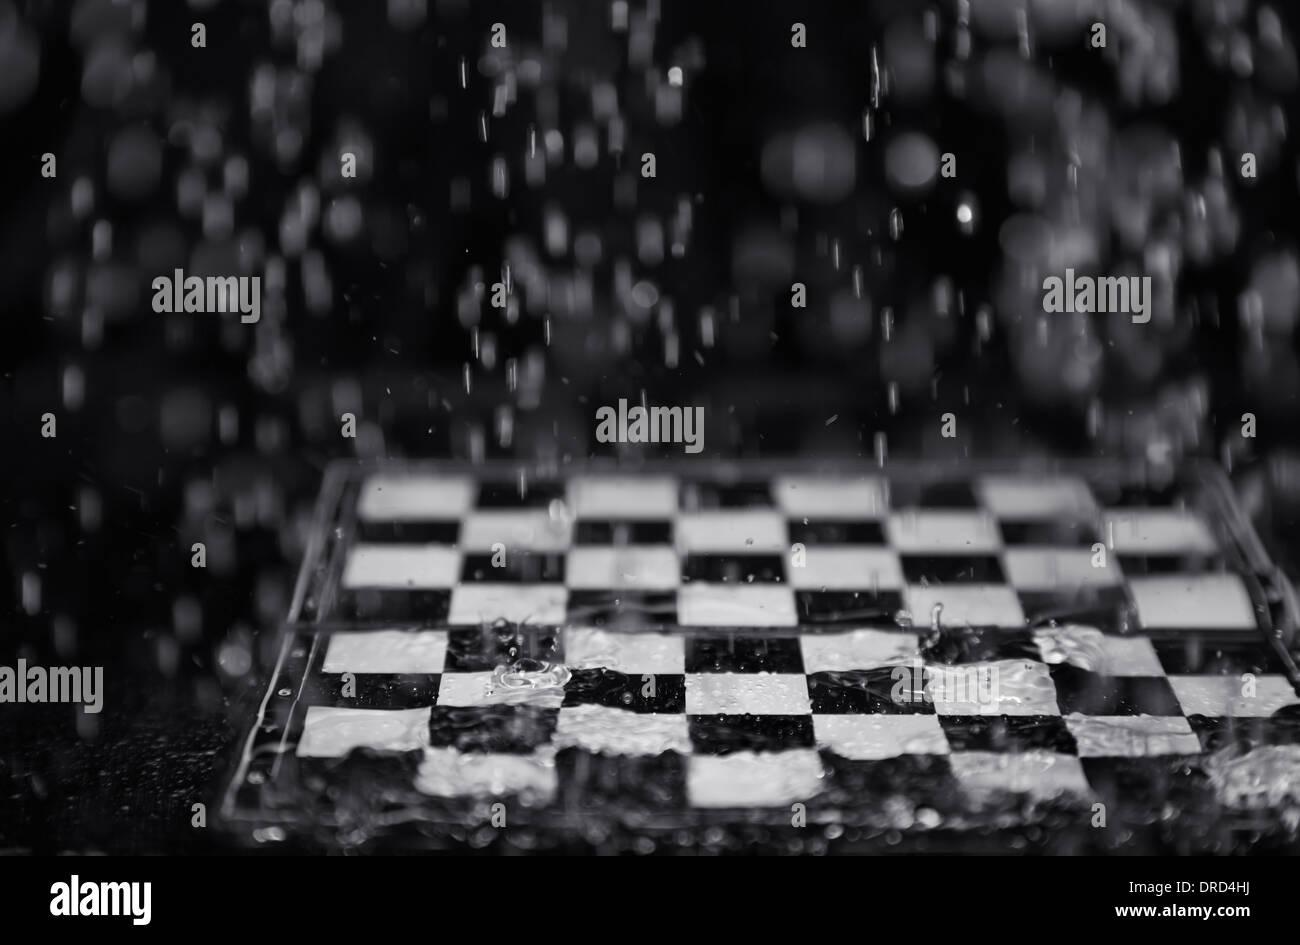 La scacchiera sotto la pioggia. Vista da vicino Immagini Stock